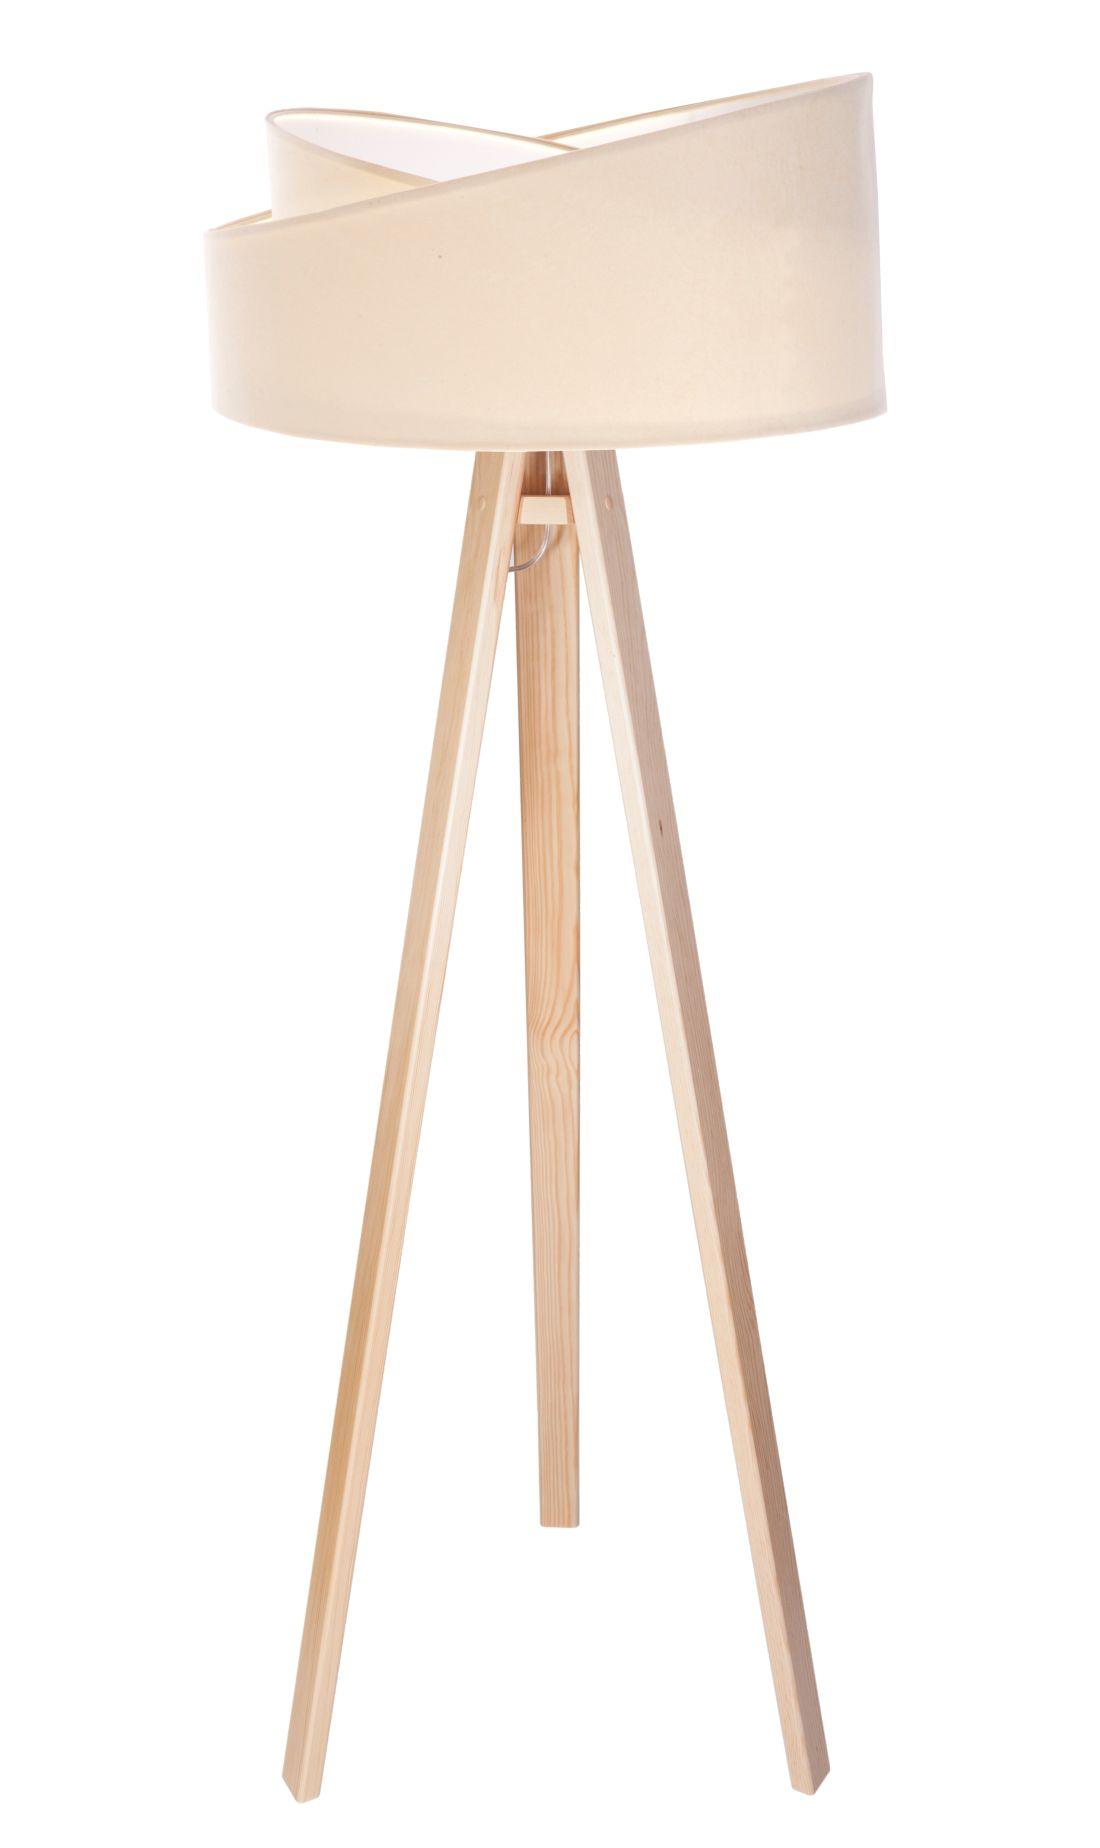 Stehlampe HUNTLEY Creme Weiß Holz 145cm Wohnzimmer